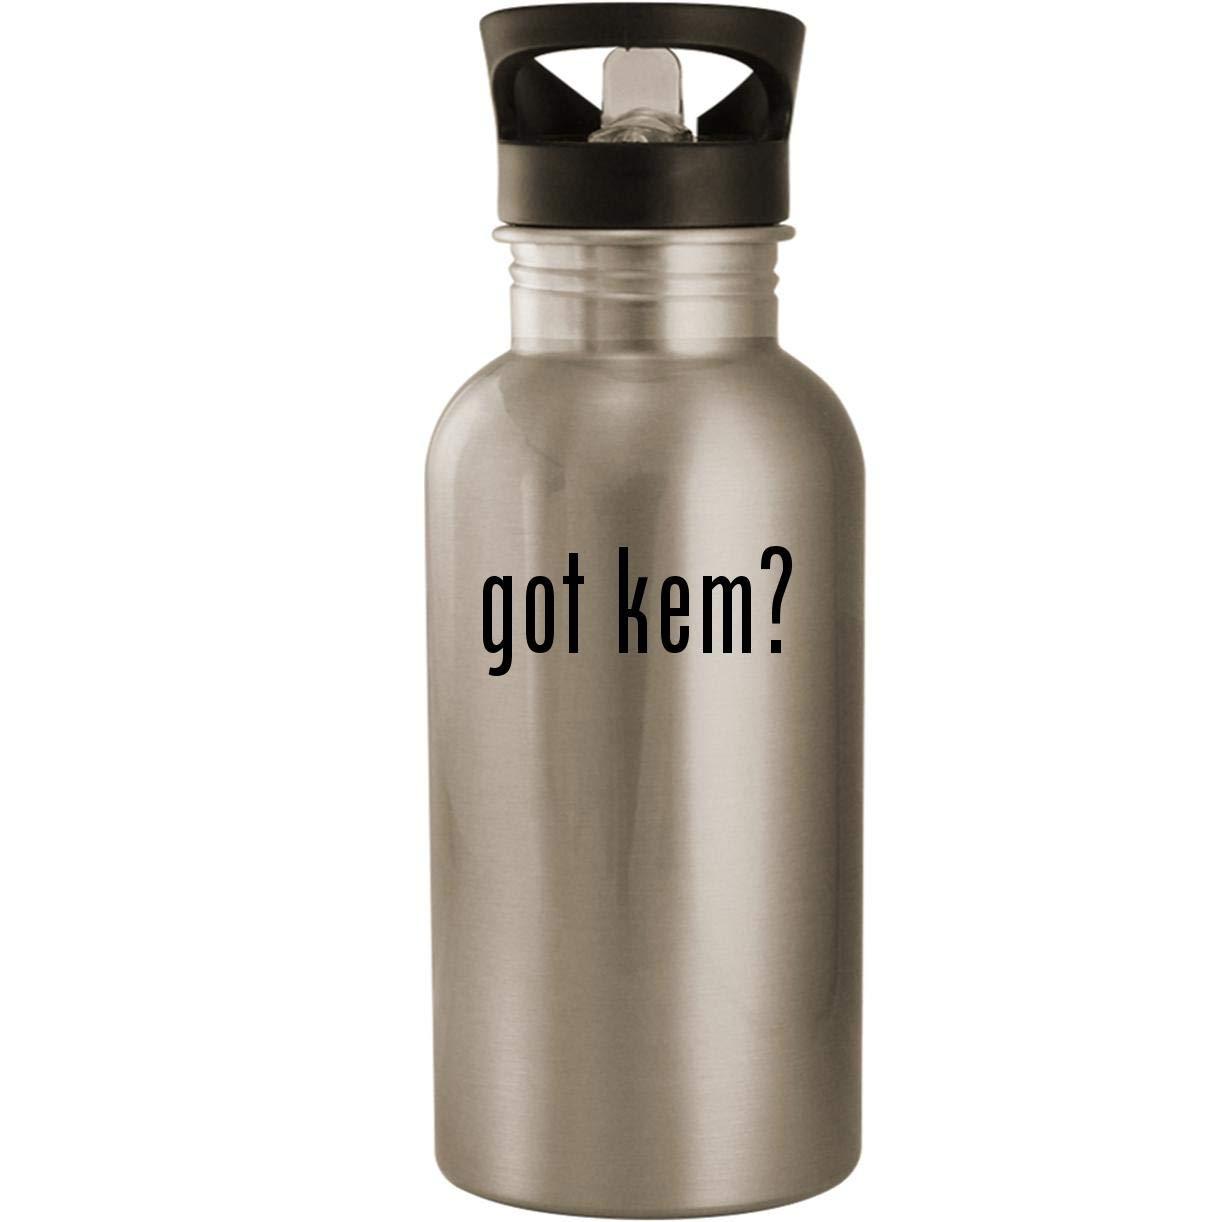 got kem? - Stainless Steel 20oz Road Ready Water Bottle, Silver